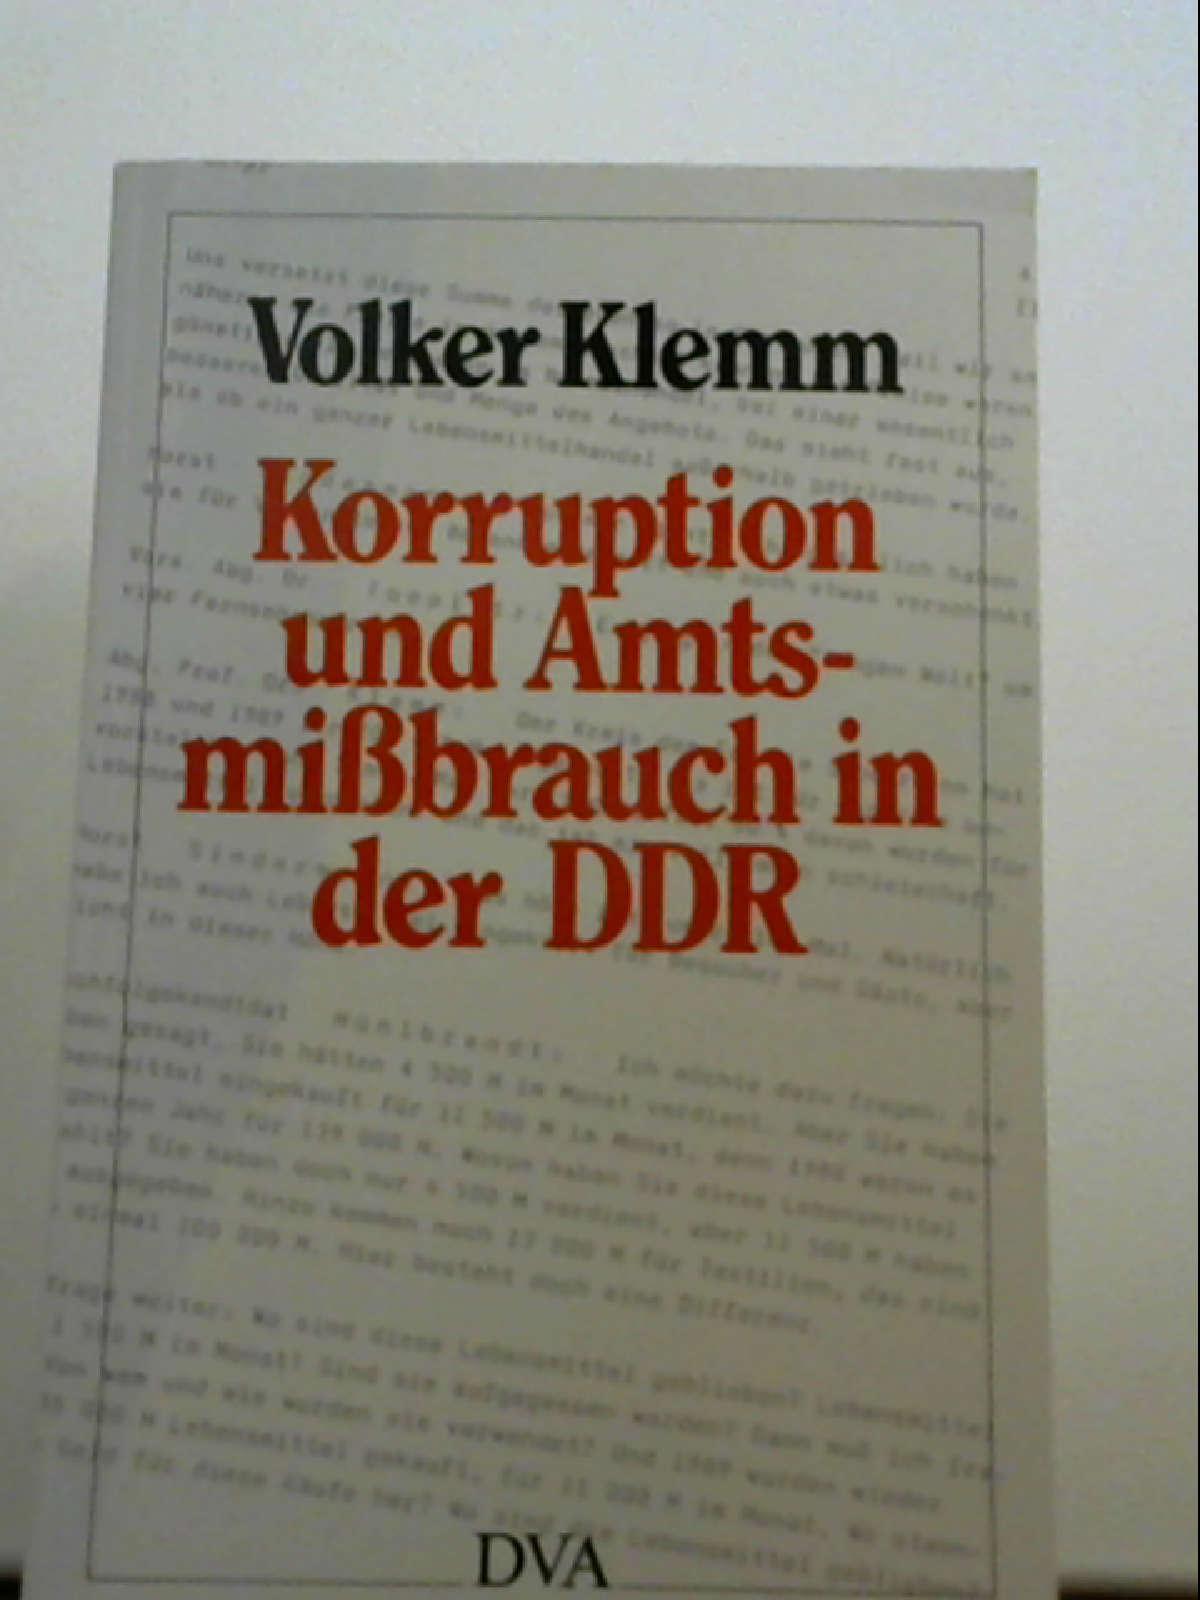 Korruption und Amtsmissbrauch in der DDR [Taschenbuch] Klemm, Volker - Volker Klemm